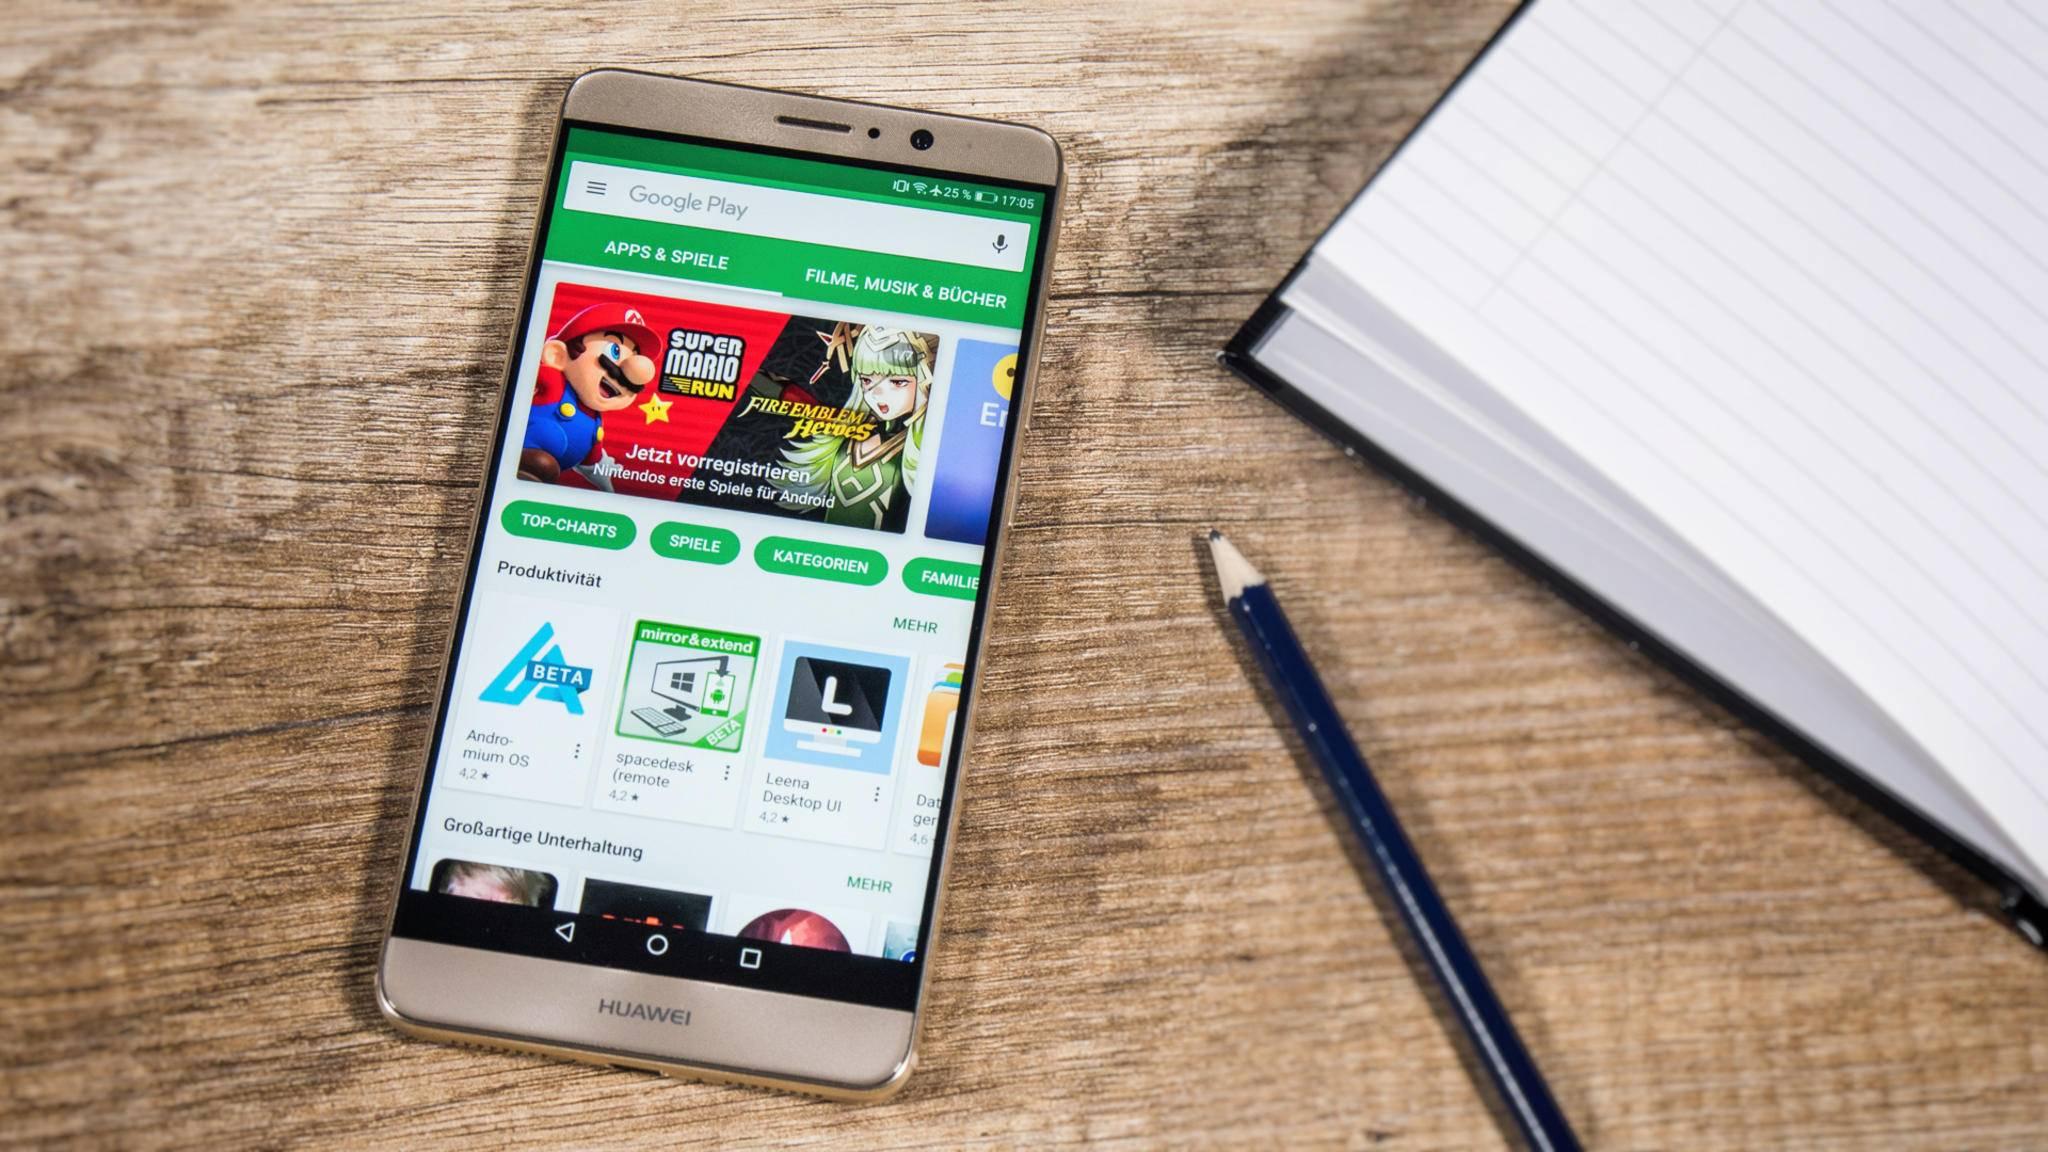 Google Play hat eine ähnliche große Auswahl wie der App Store – aber die Apps werden nicht genauso gründlich kontrolliert.